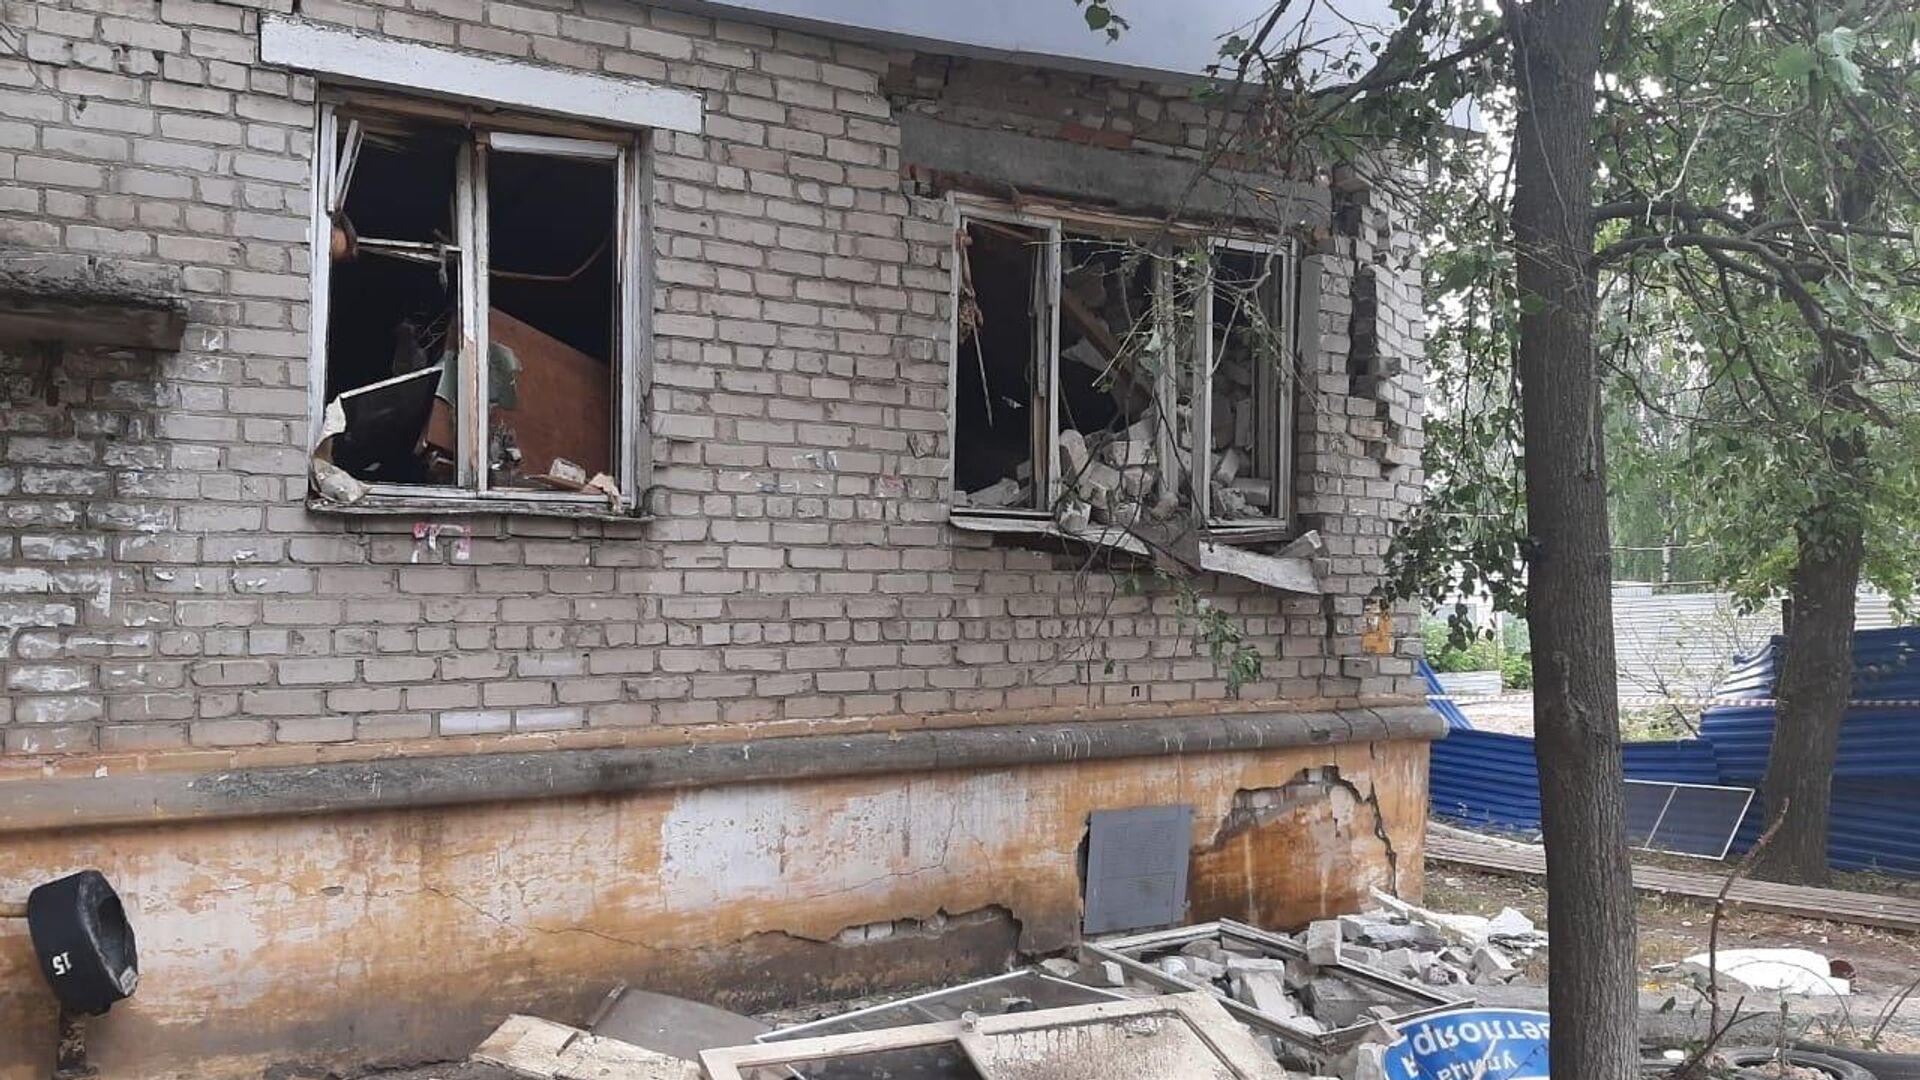 На месте взрыва газовоздушной смеси в жилом доме в Нижнем Новгороде  - РИА Новости, 1920, 02.07.2021